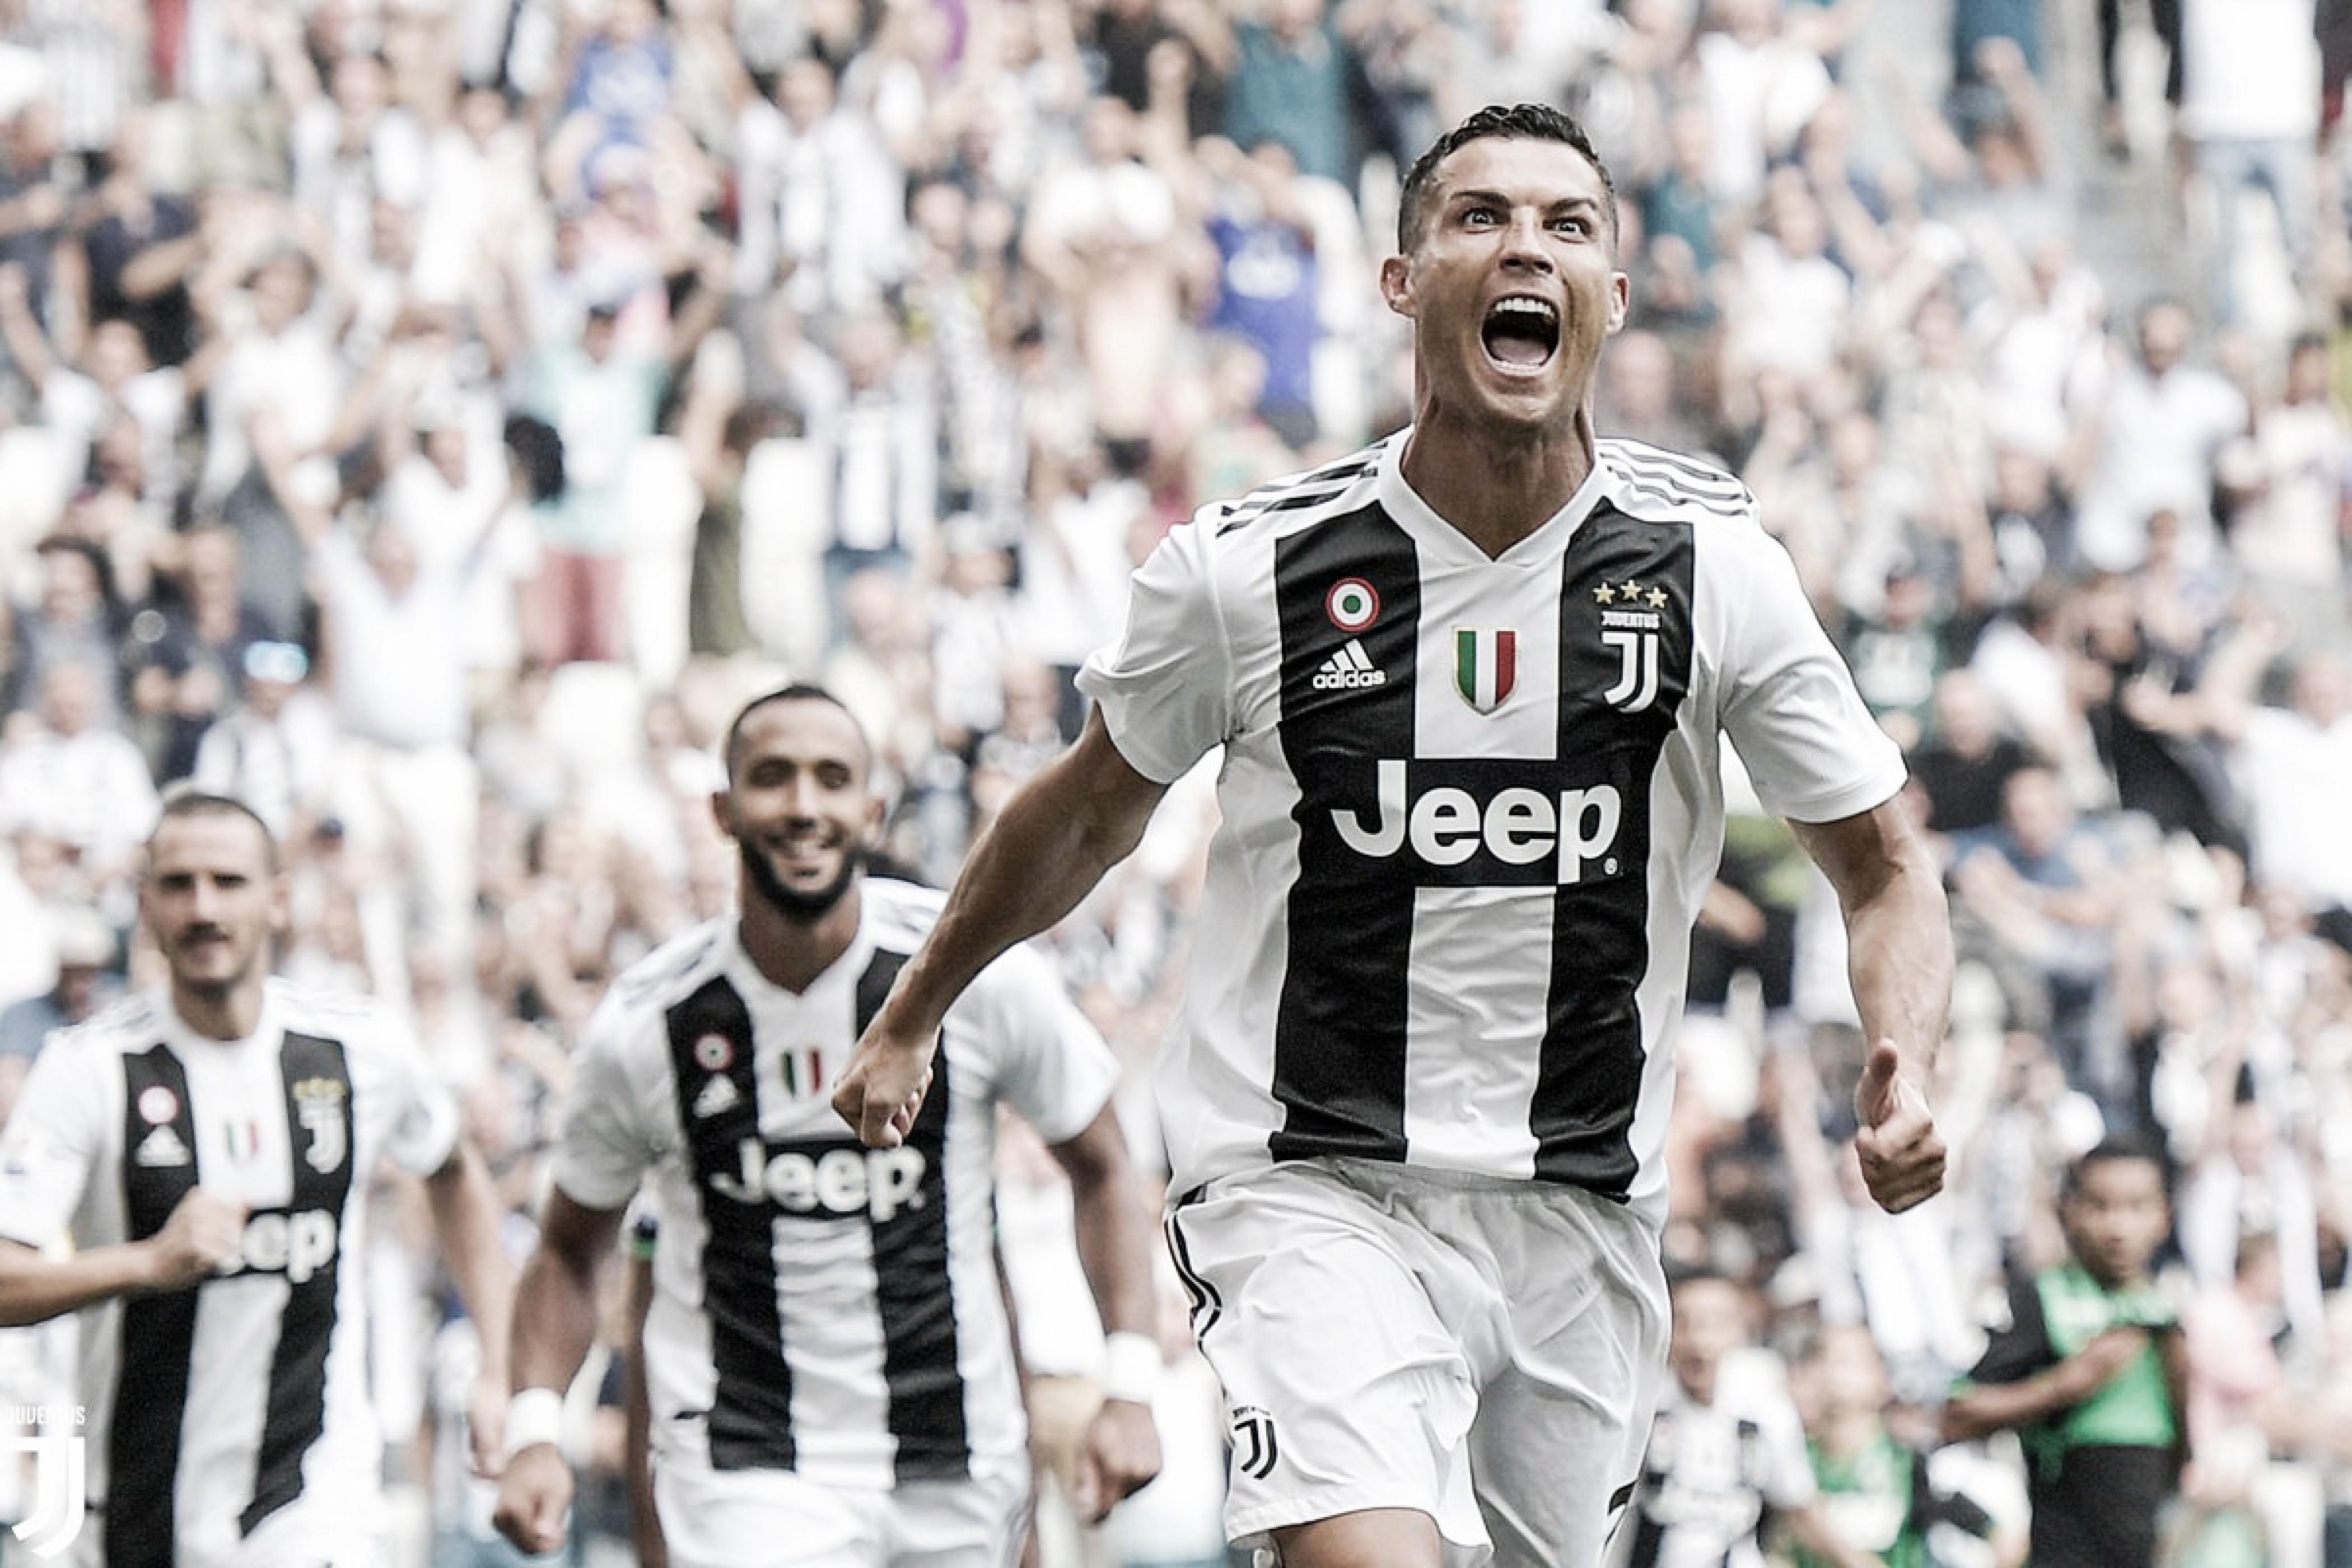 Cristiano Ronaldo revela 'tensão' por jejum de gols pela Juventus e mira estreia na Champions League